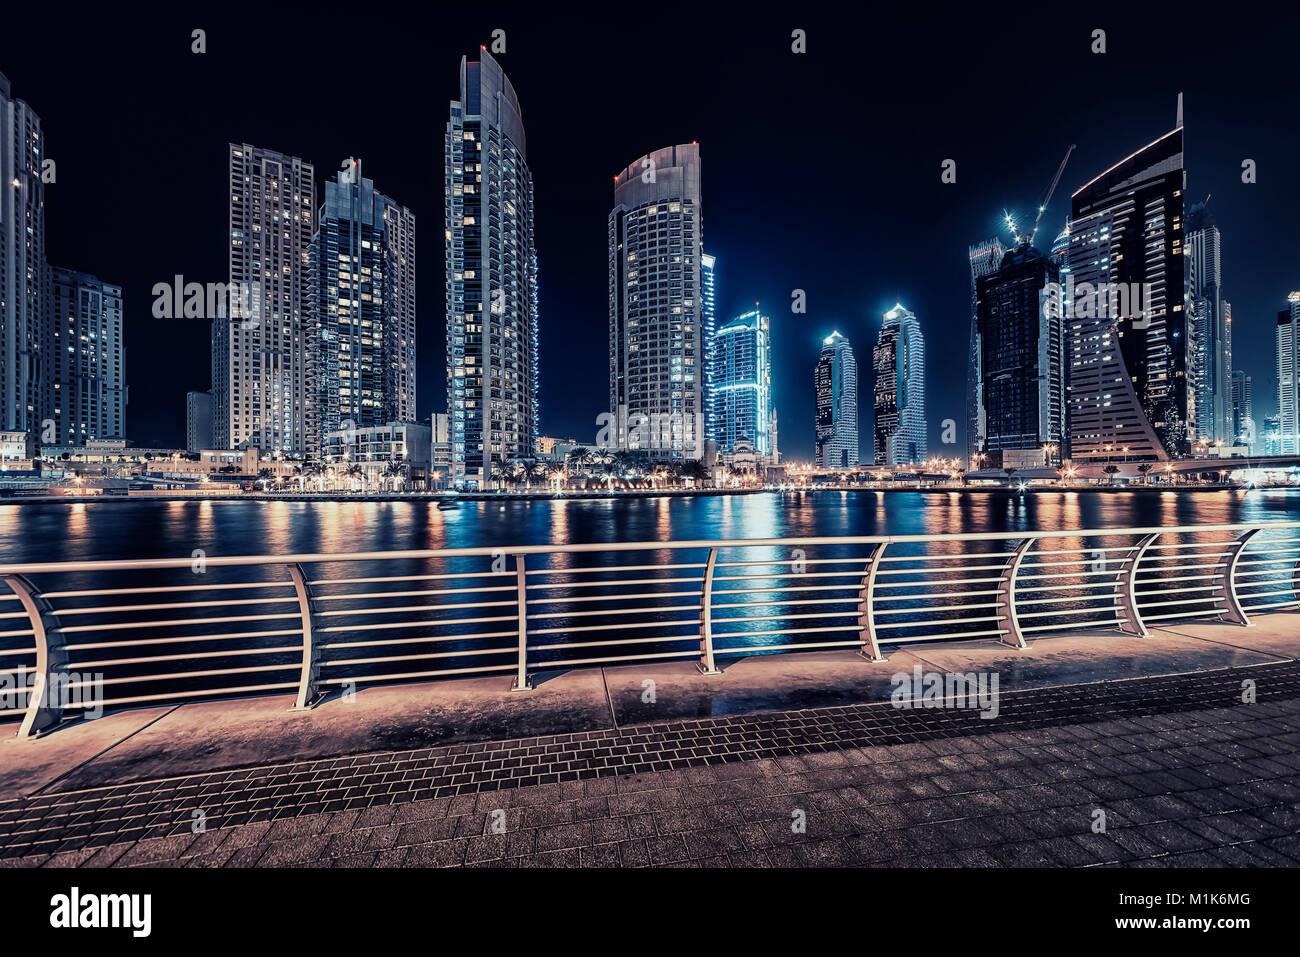 Dubai marina by night - Stock Image